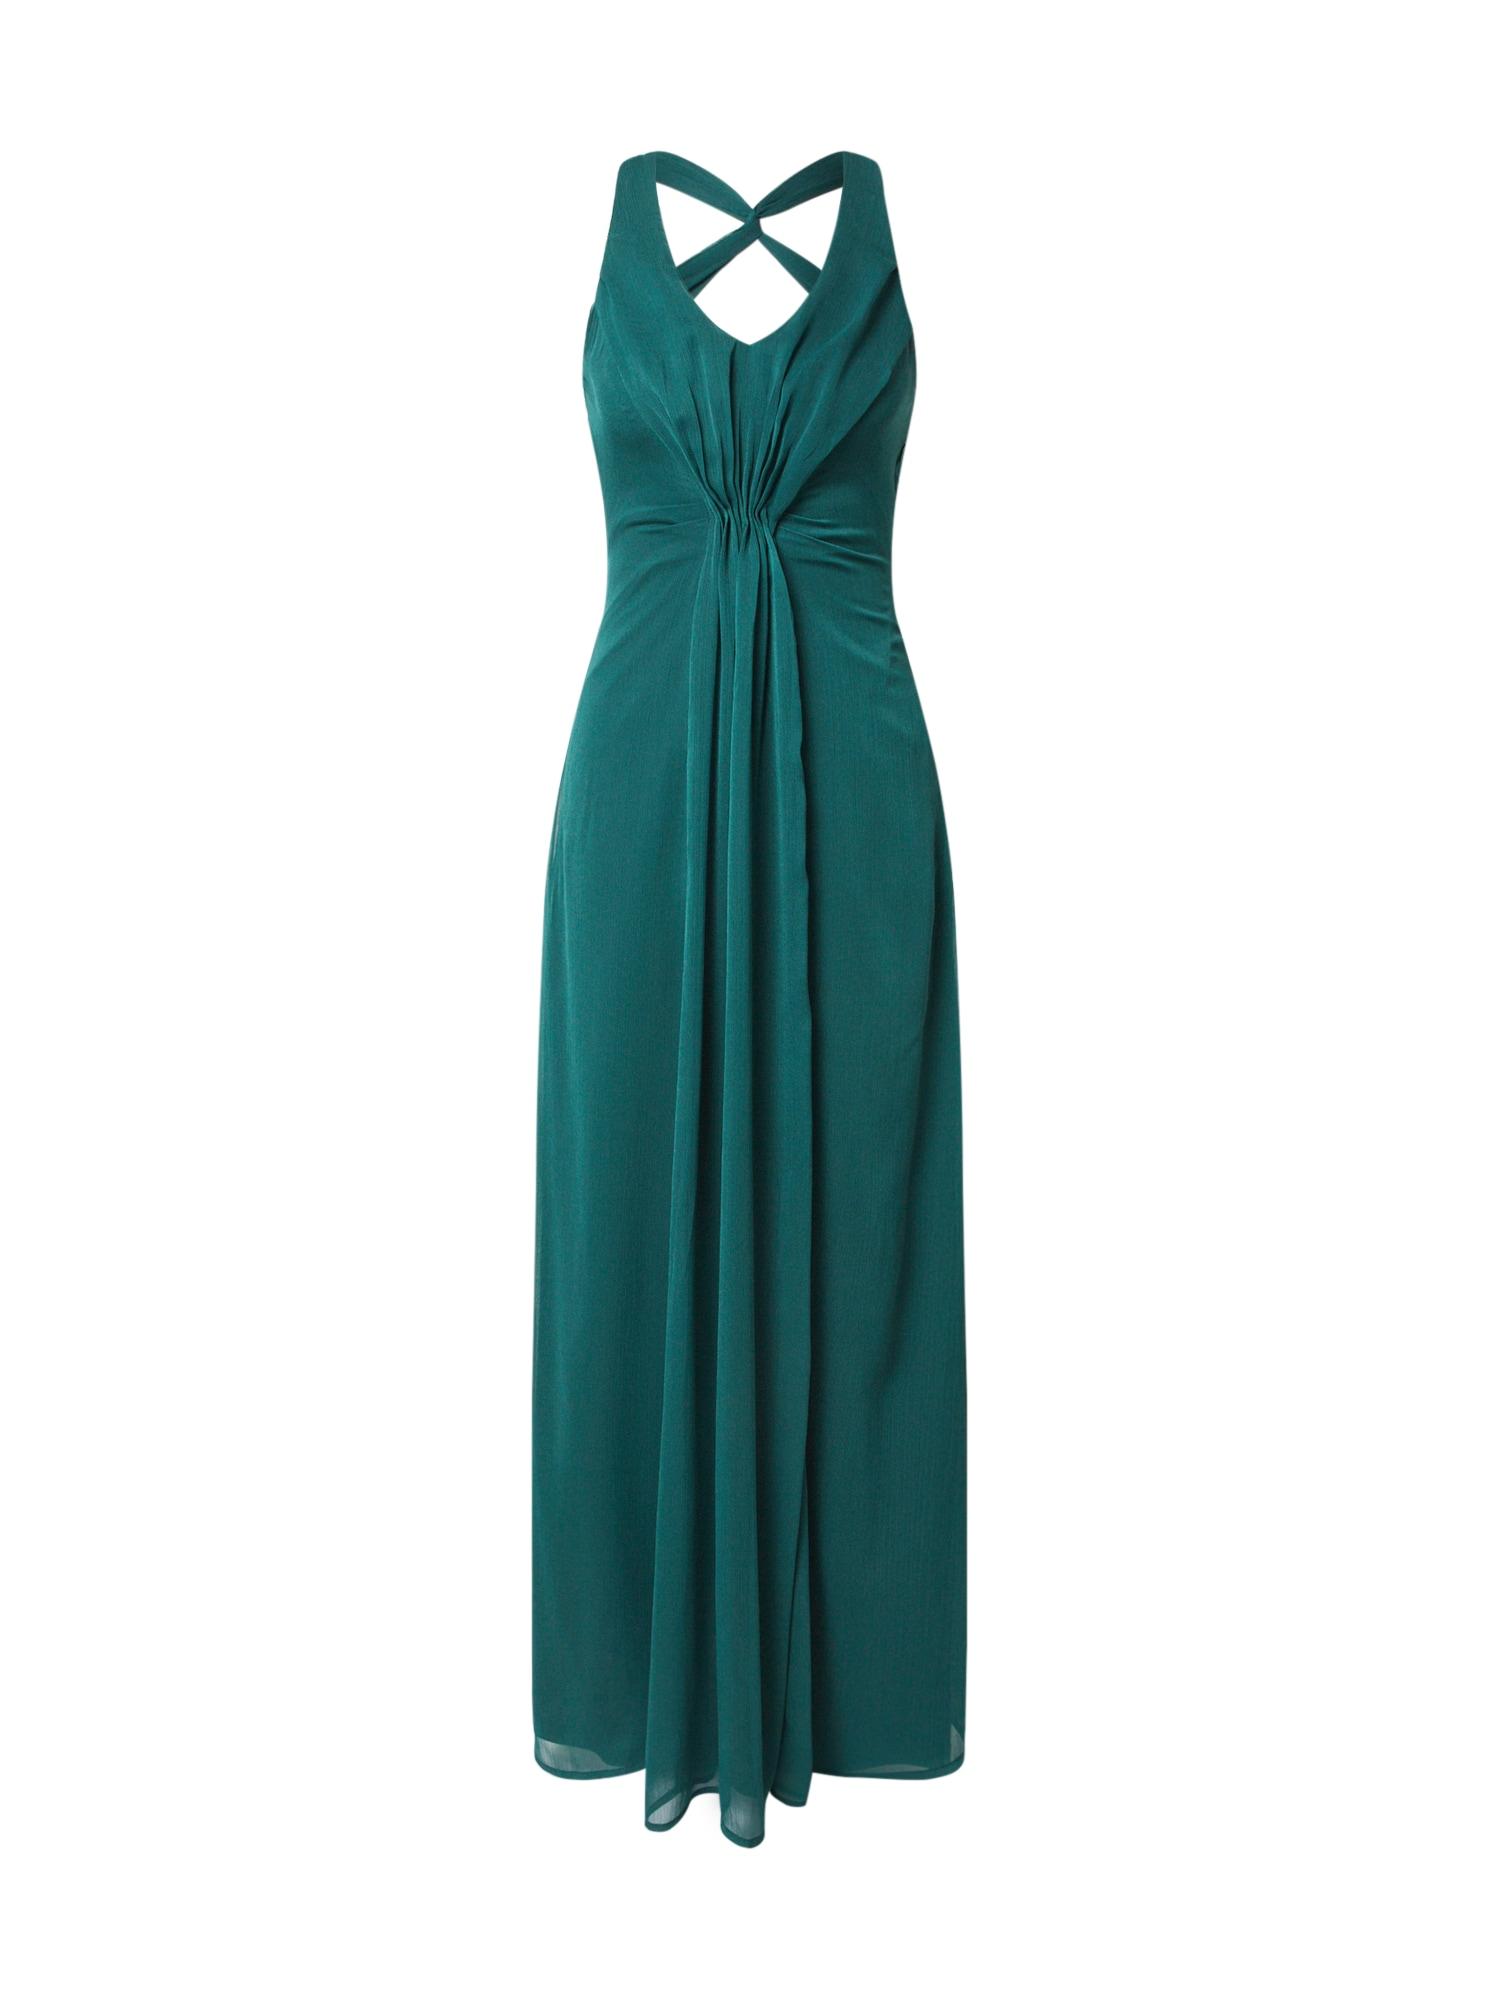 ABOUT YOU Vakarinė suknelė 'Rafaela' smaragdinė spalva